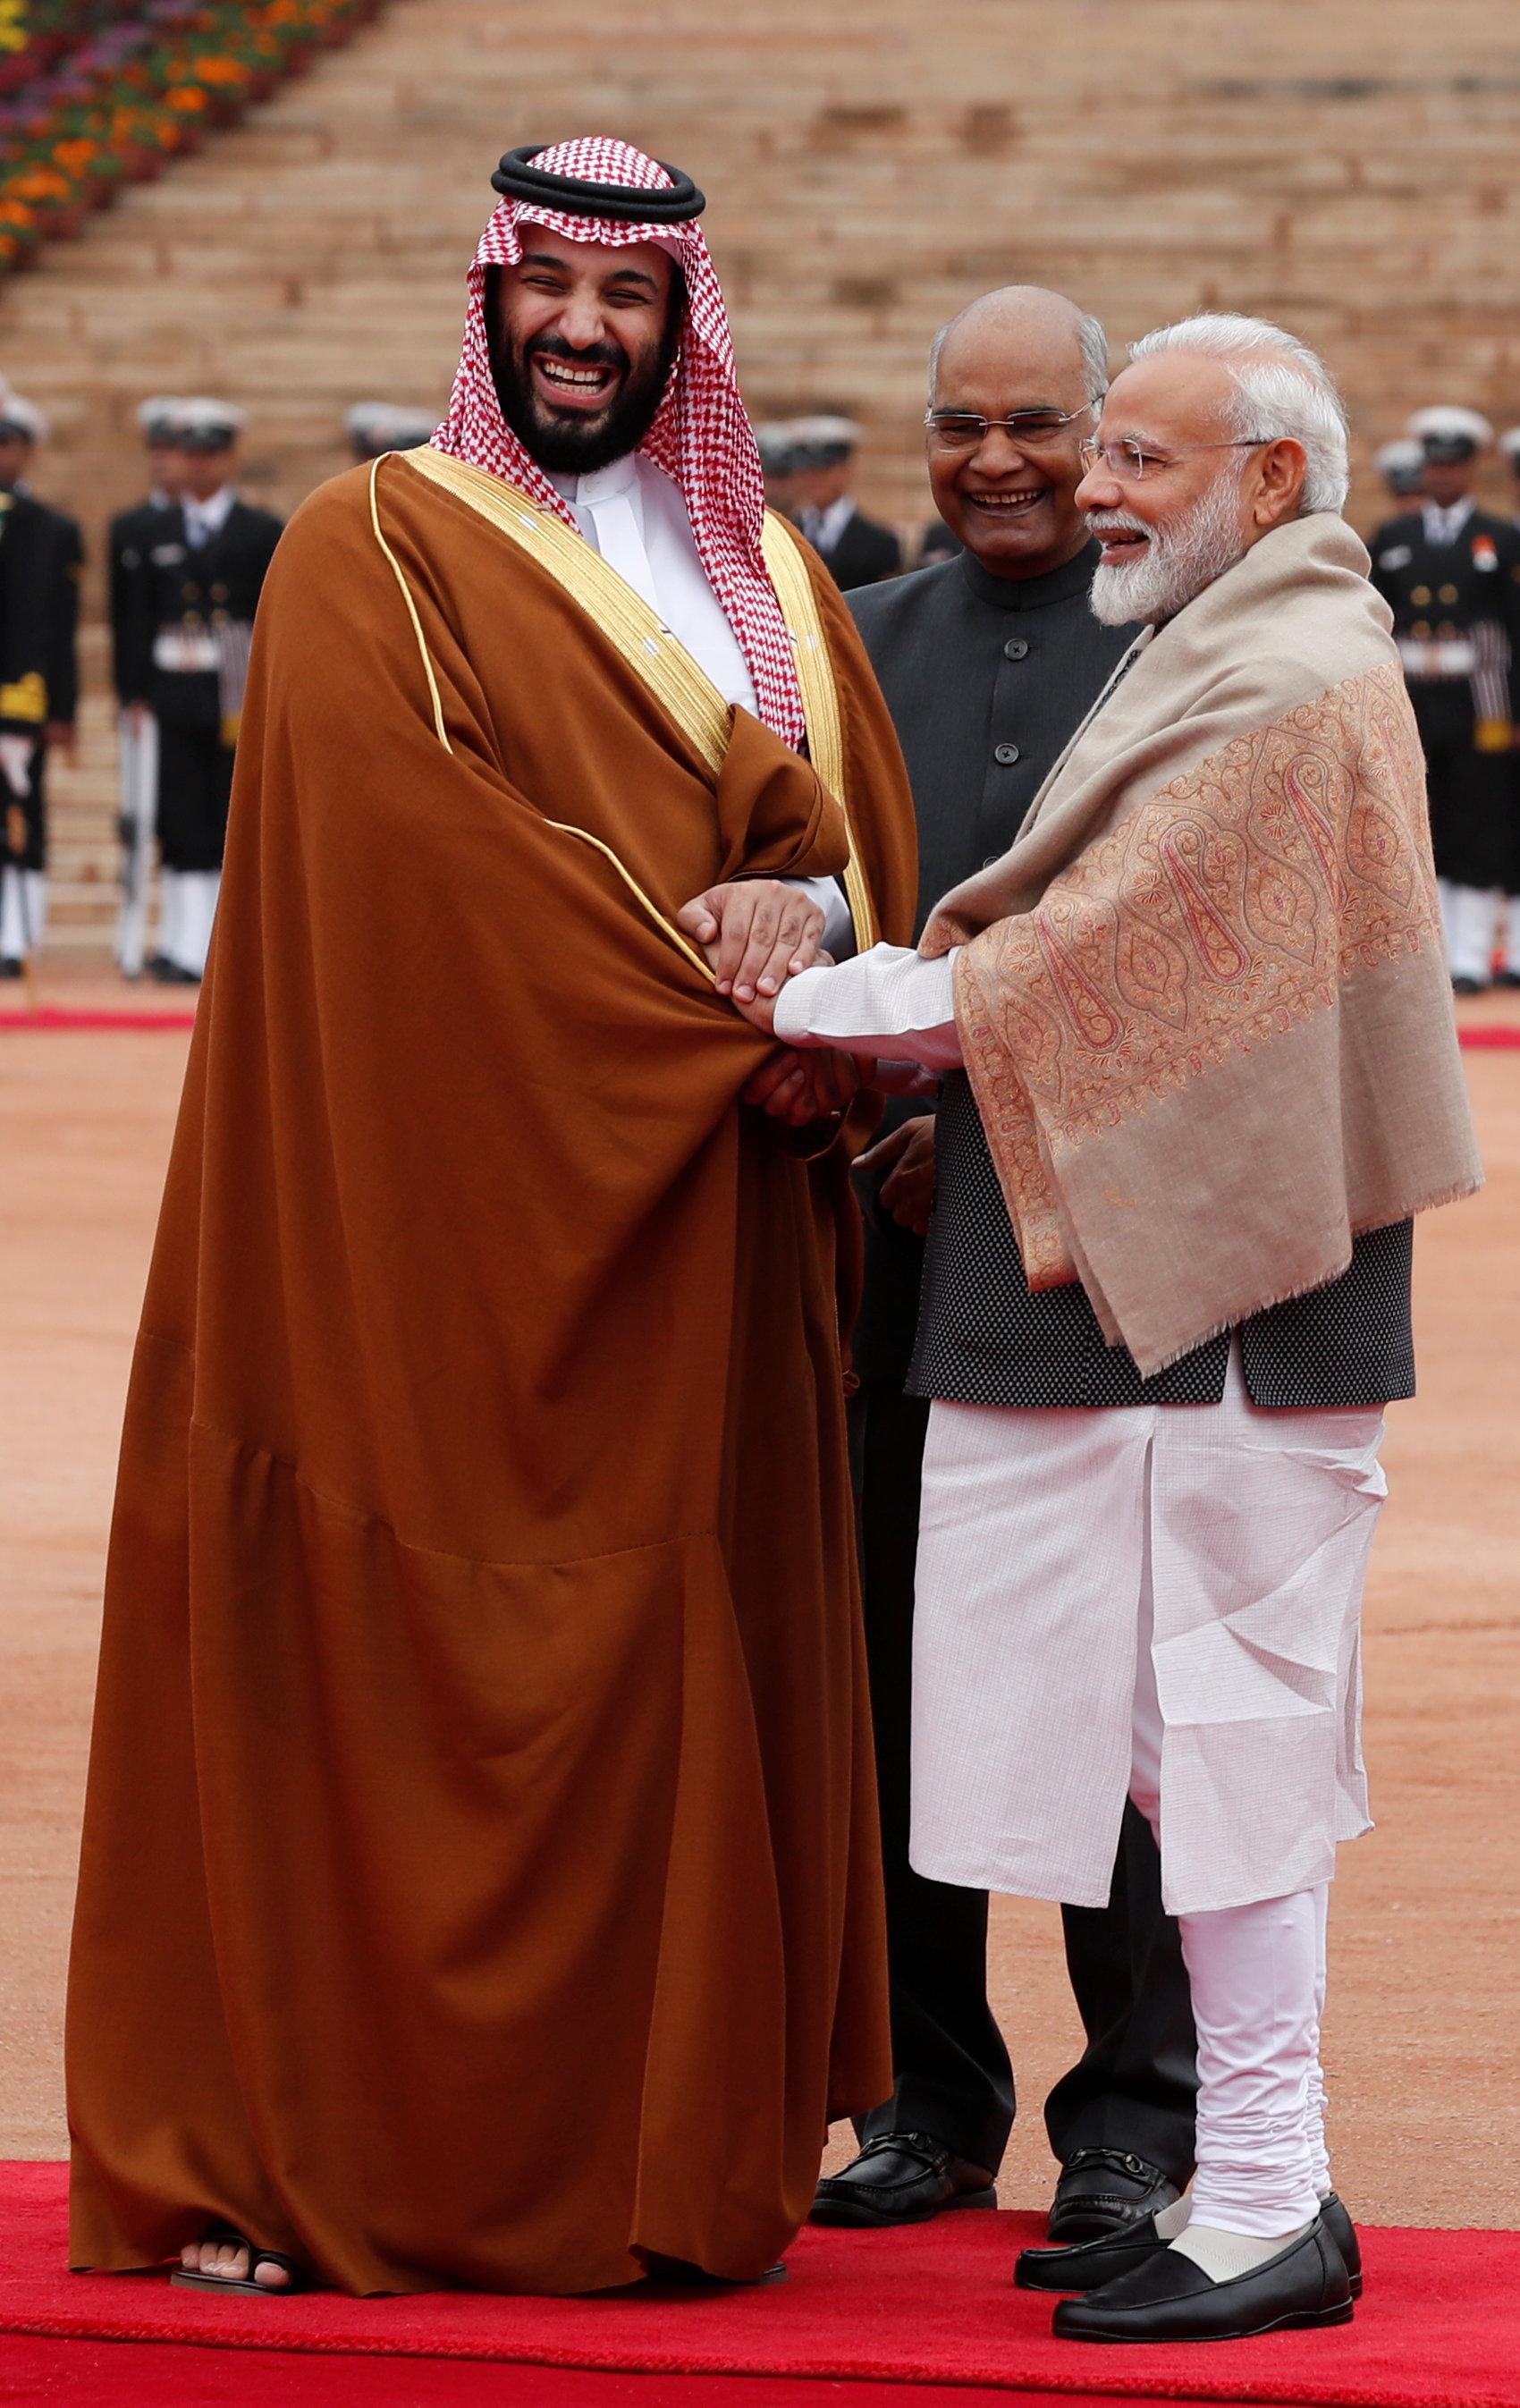 ولى العهد ورئيس الهند ورئيس الوزراء مودى